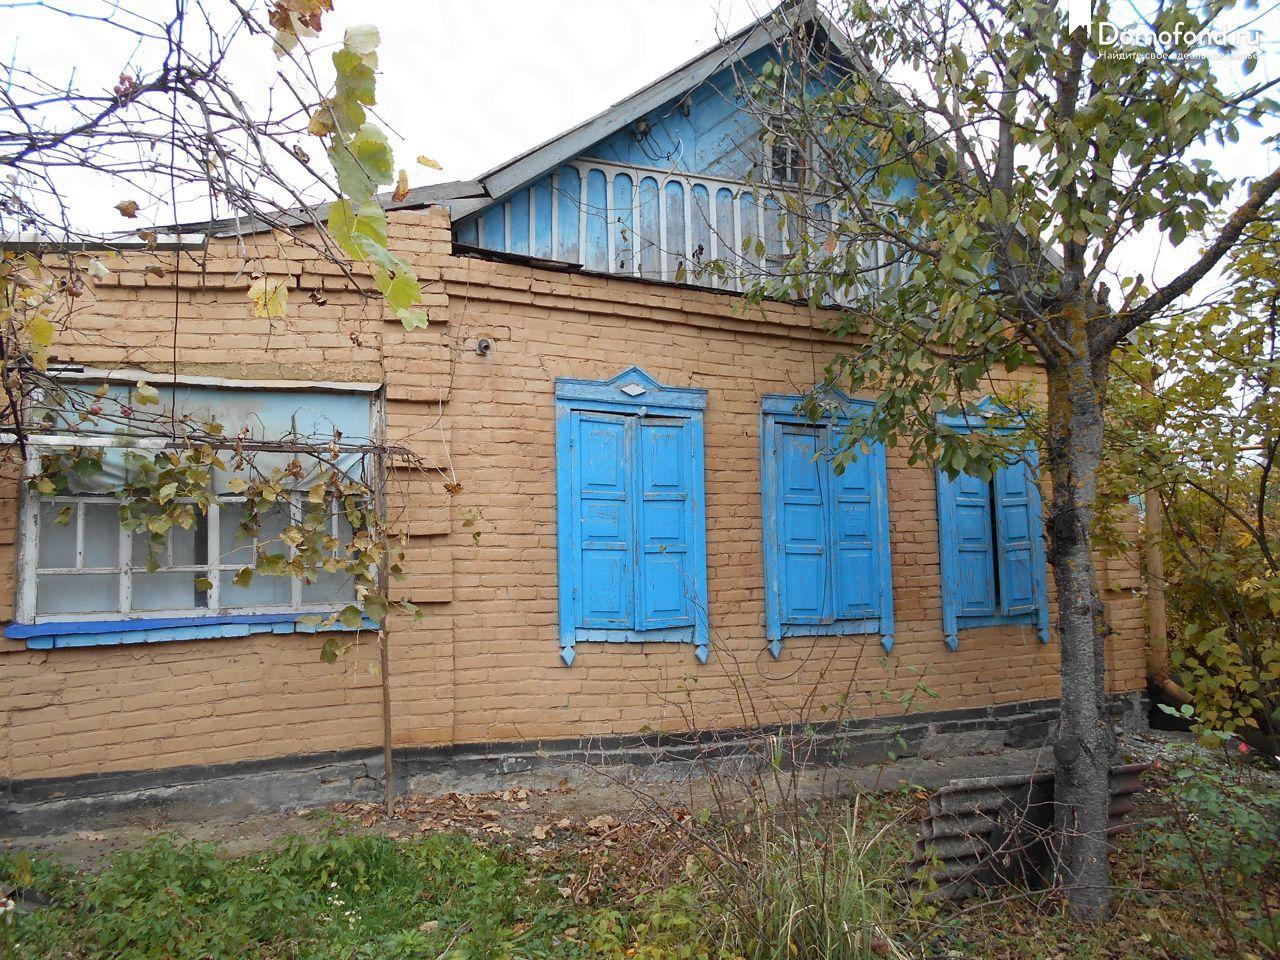 Доставка цветов абинск краснодарский край недорого, заказу спб дом